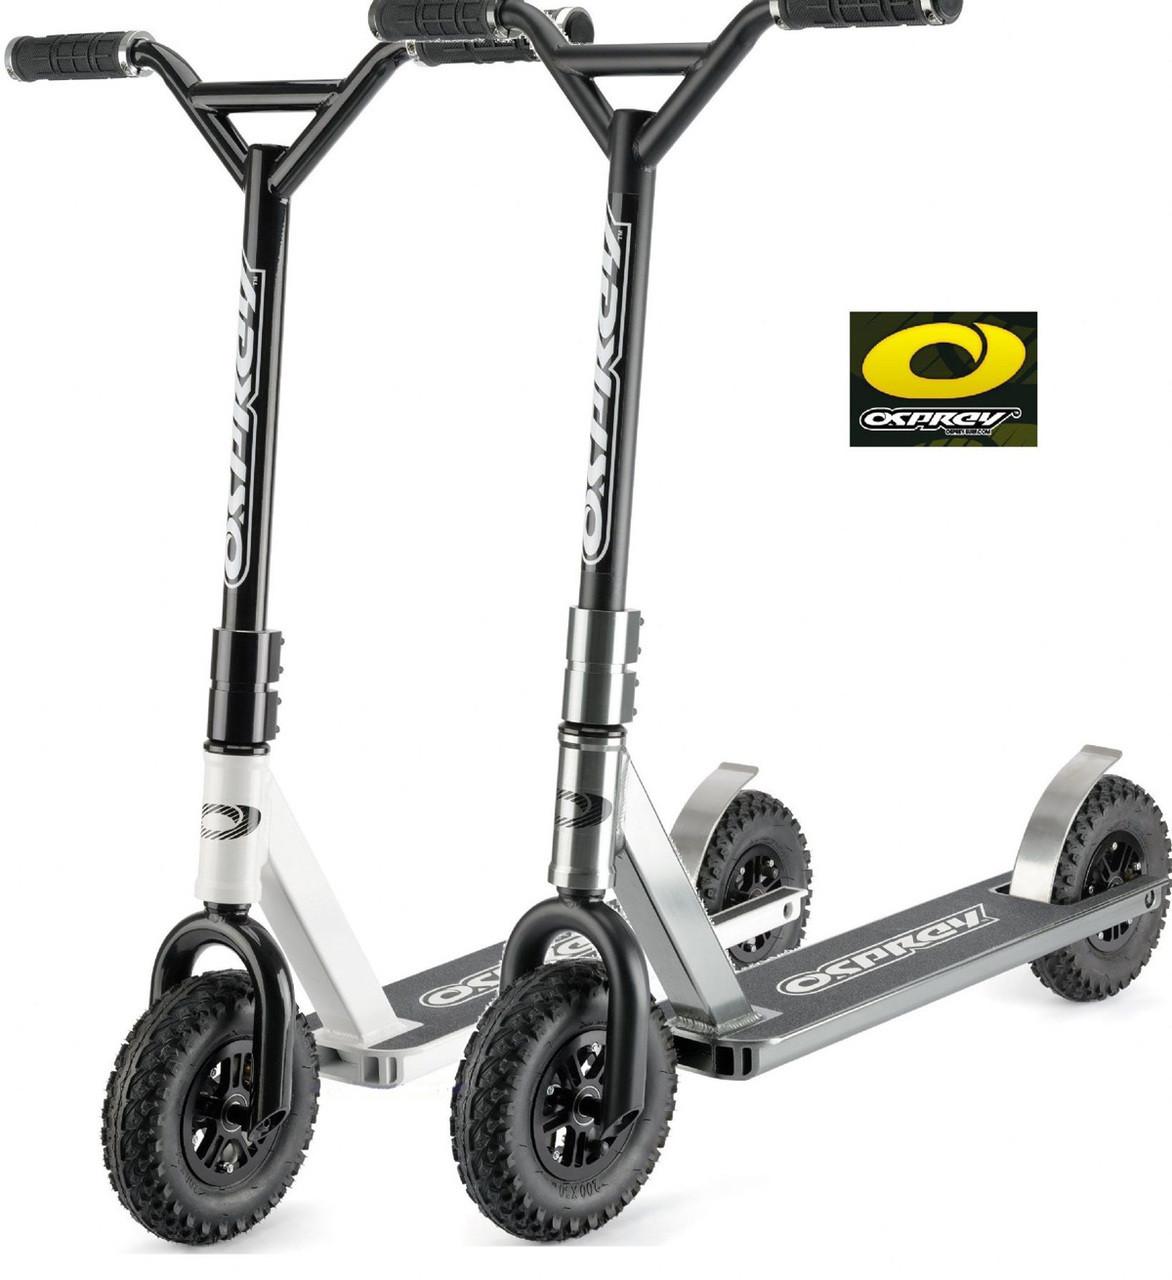 osprey all terrain scooter kids childrens off road dirt. Black Bedroom Furniture Sets. Home Design Ideas